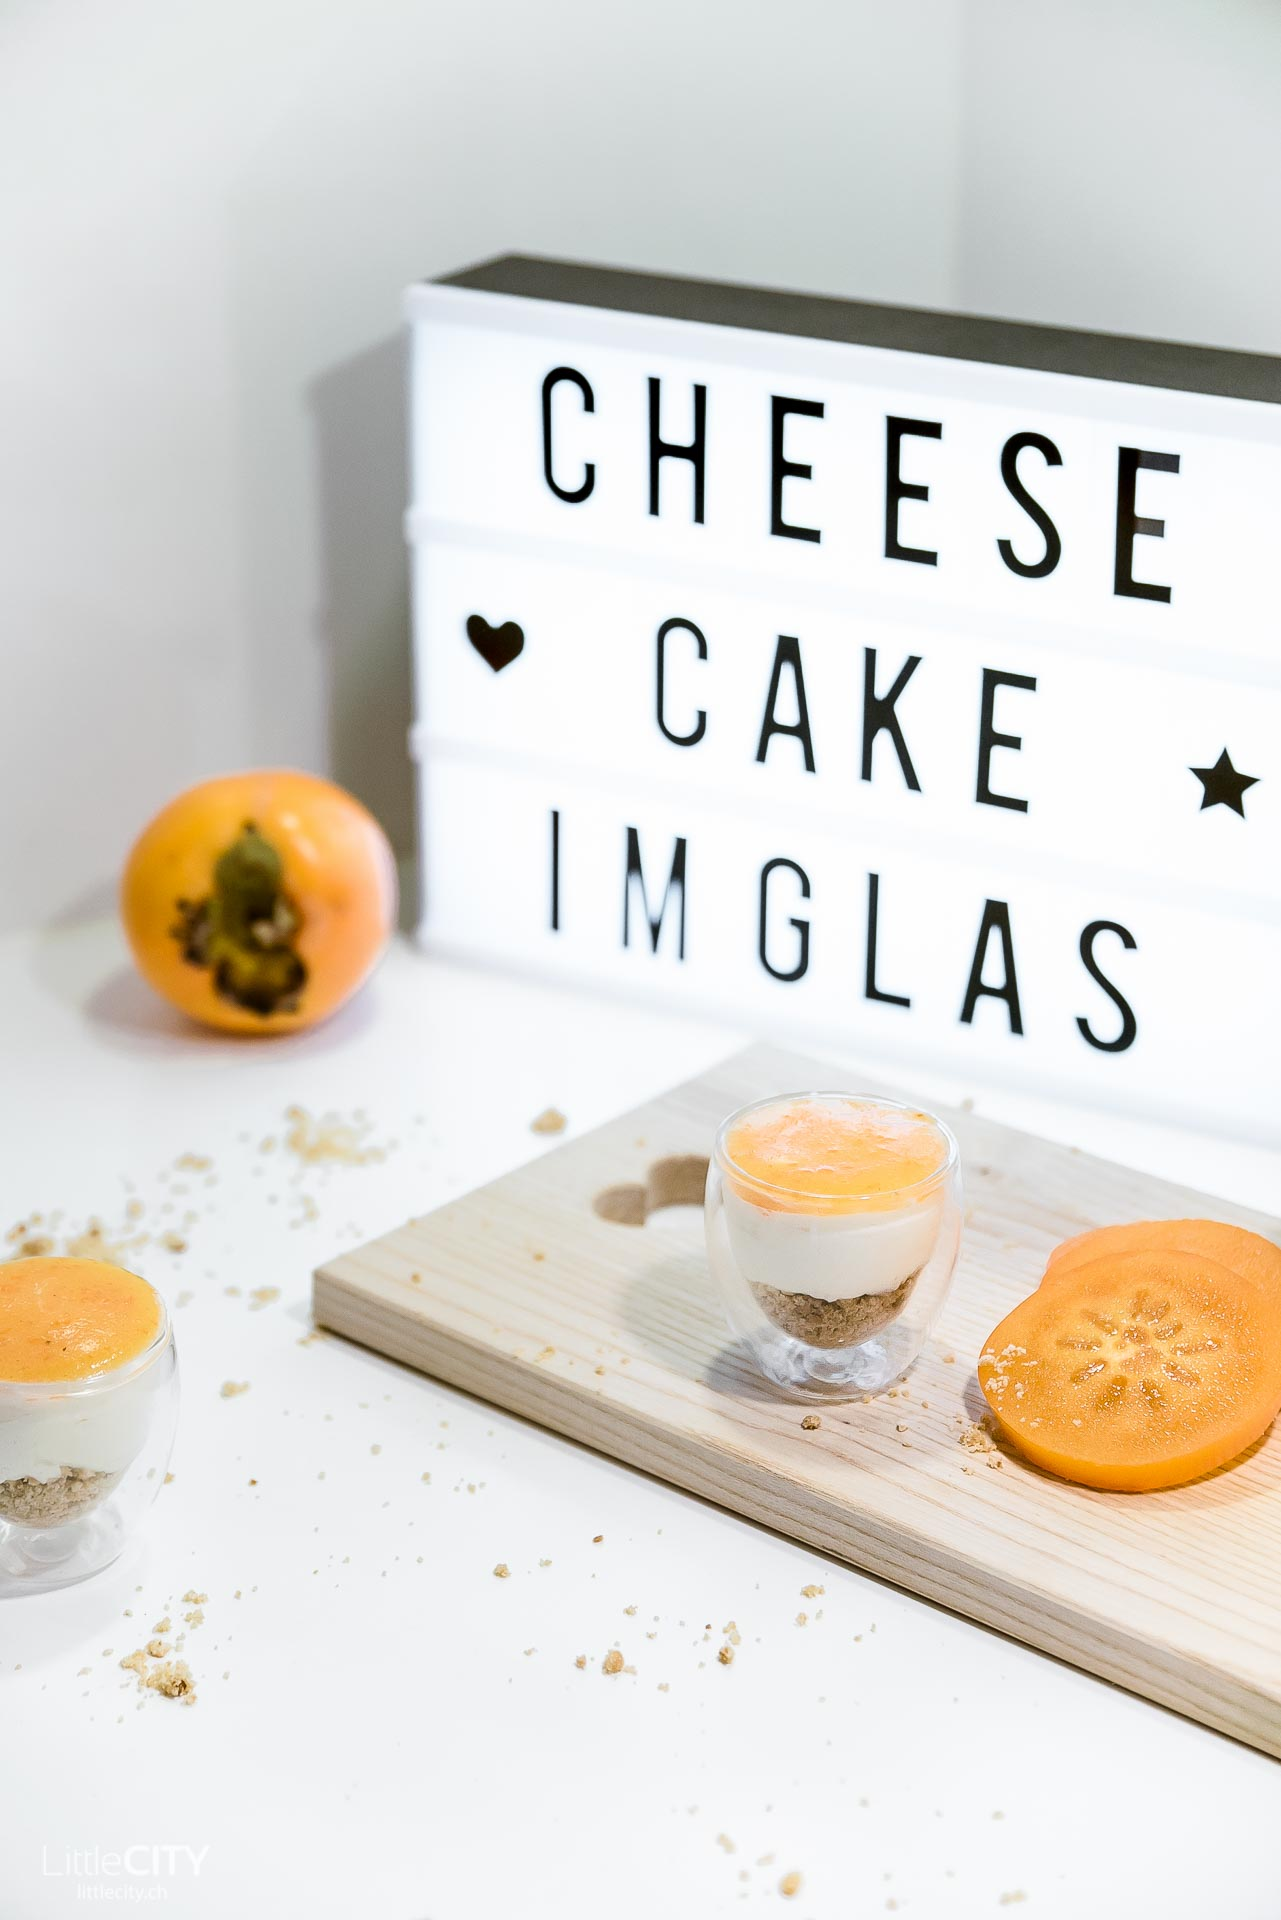 Cheesecake Dessert im Glas mit Kaki